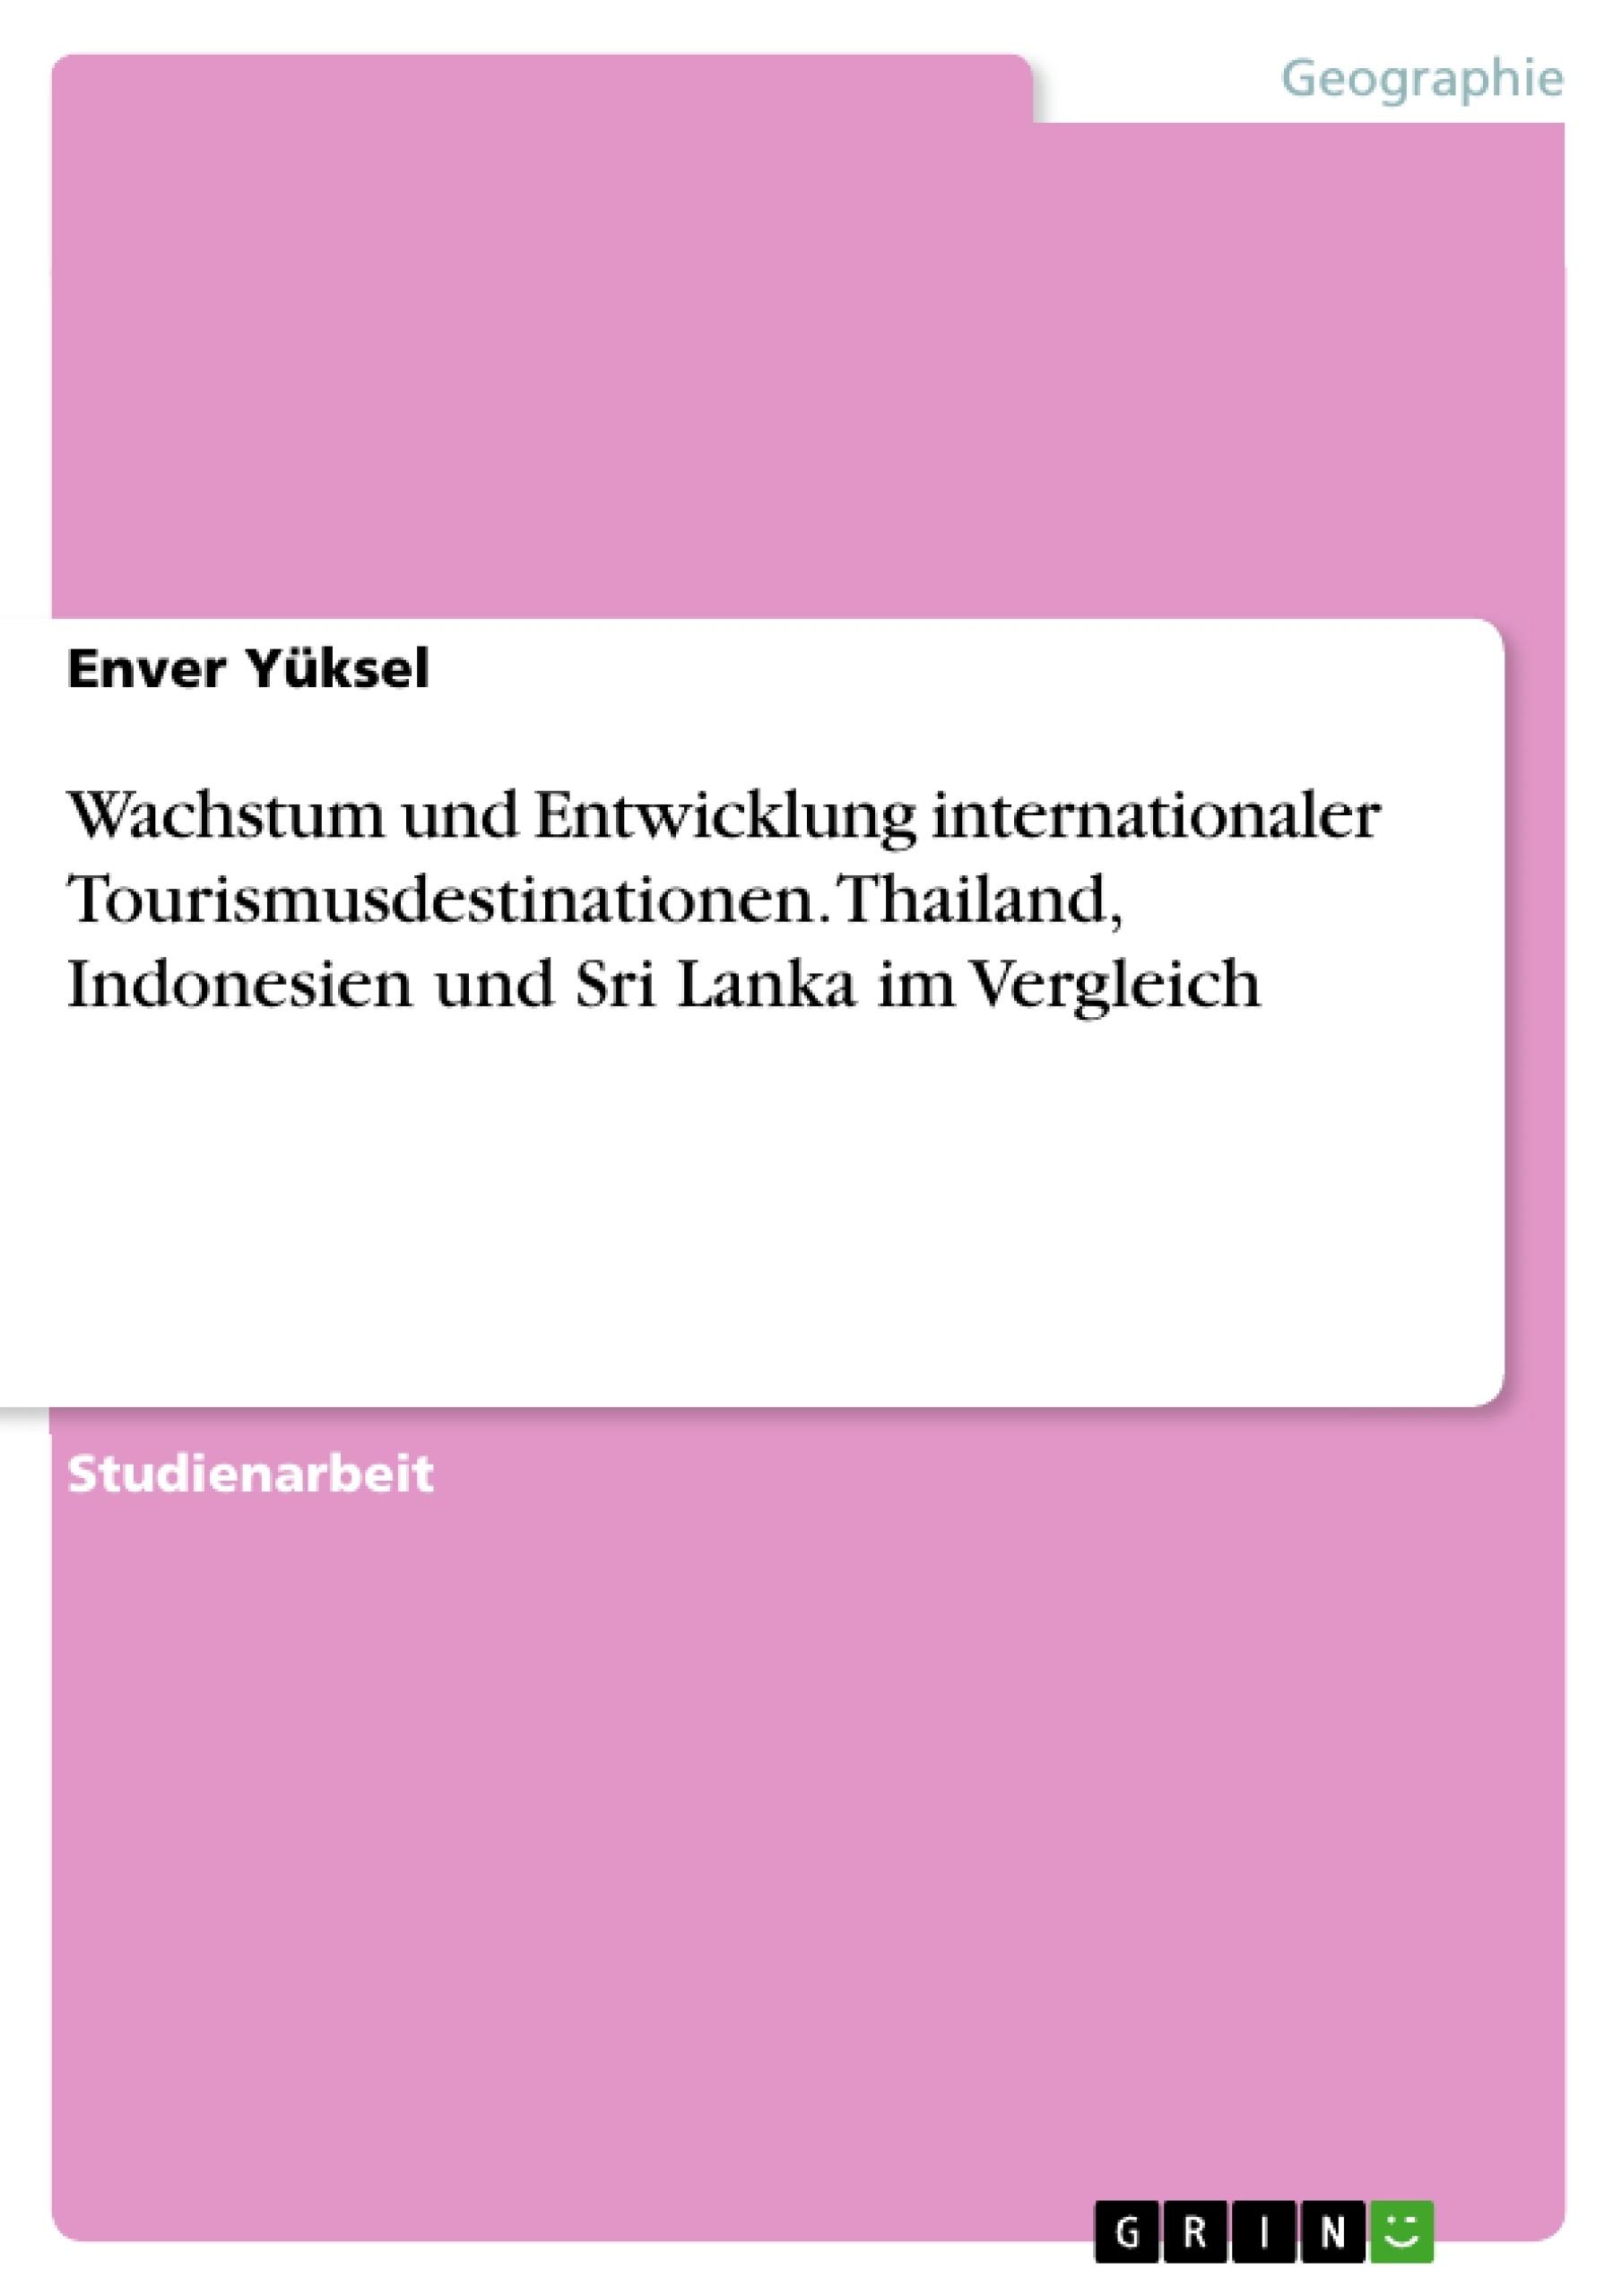 Titel: Wachstum und Entwicklung internationaler Tourismusdestinationen. Thailand, Indonesien und Sri Lanka im Vergleich